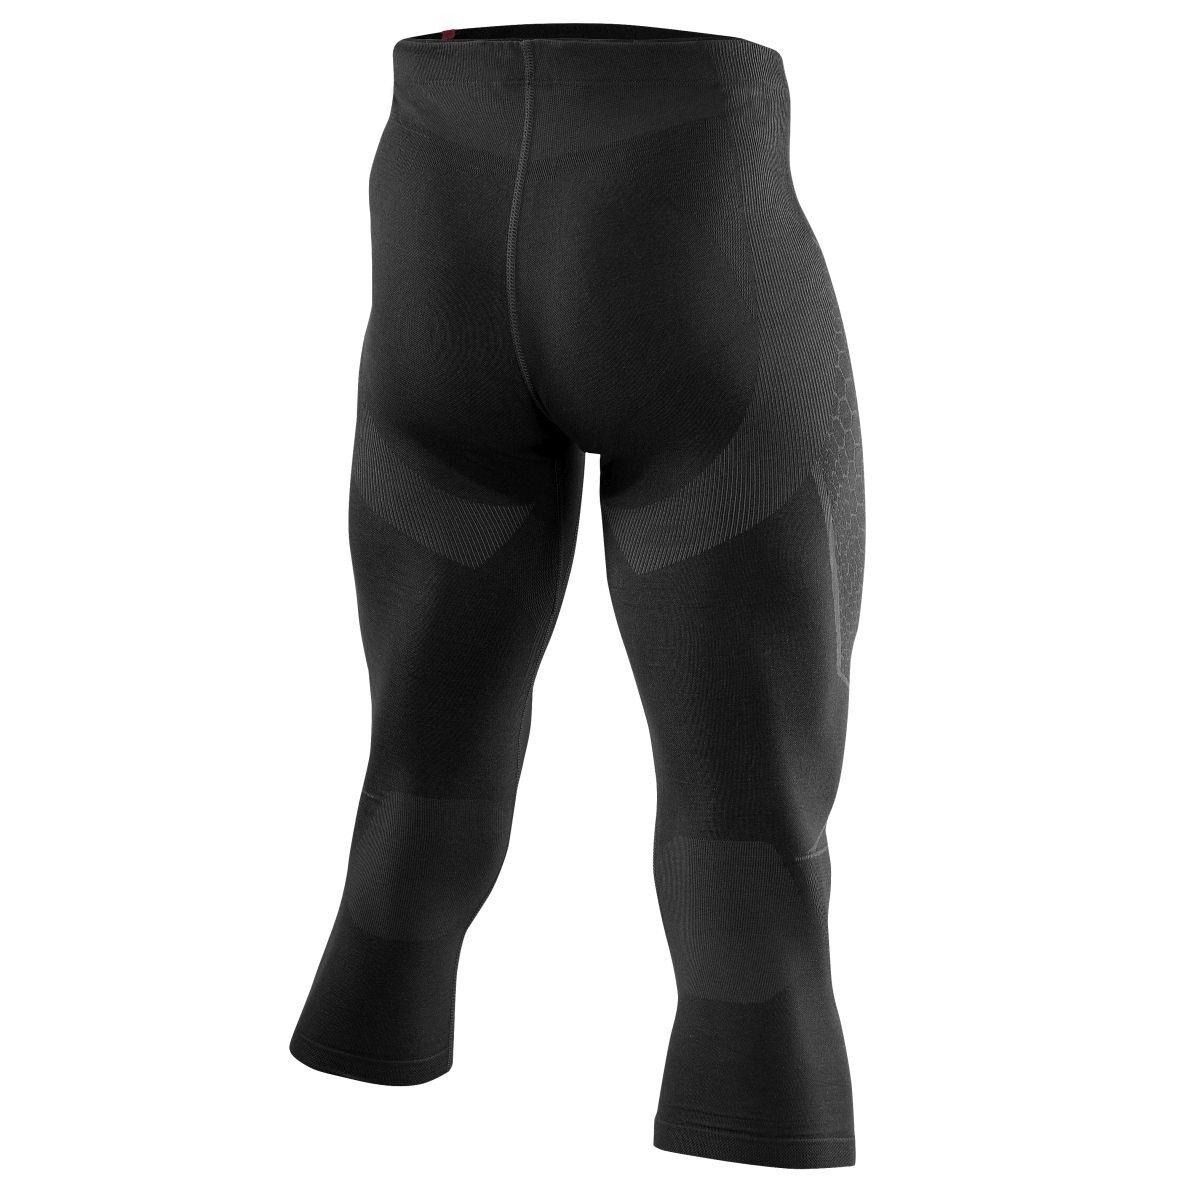 Löffler Unterhose 3 4 Transtex warm warm warm Skiunterwäsche schwarz 8792e4